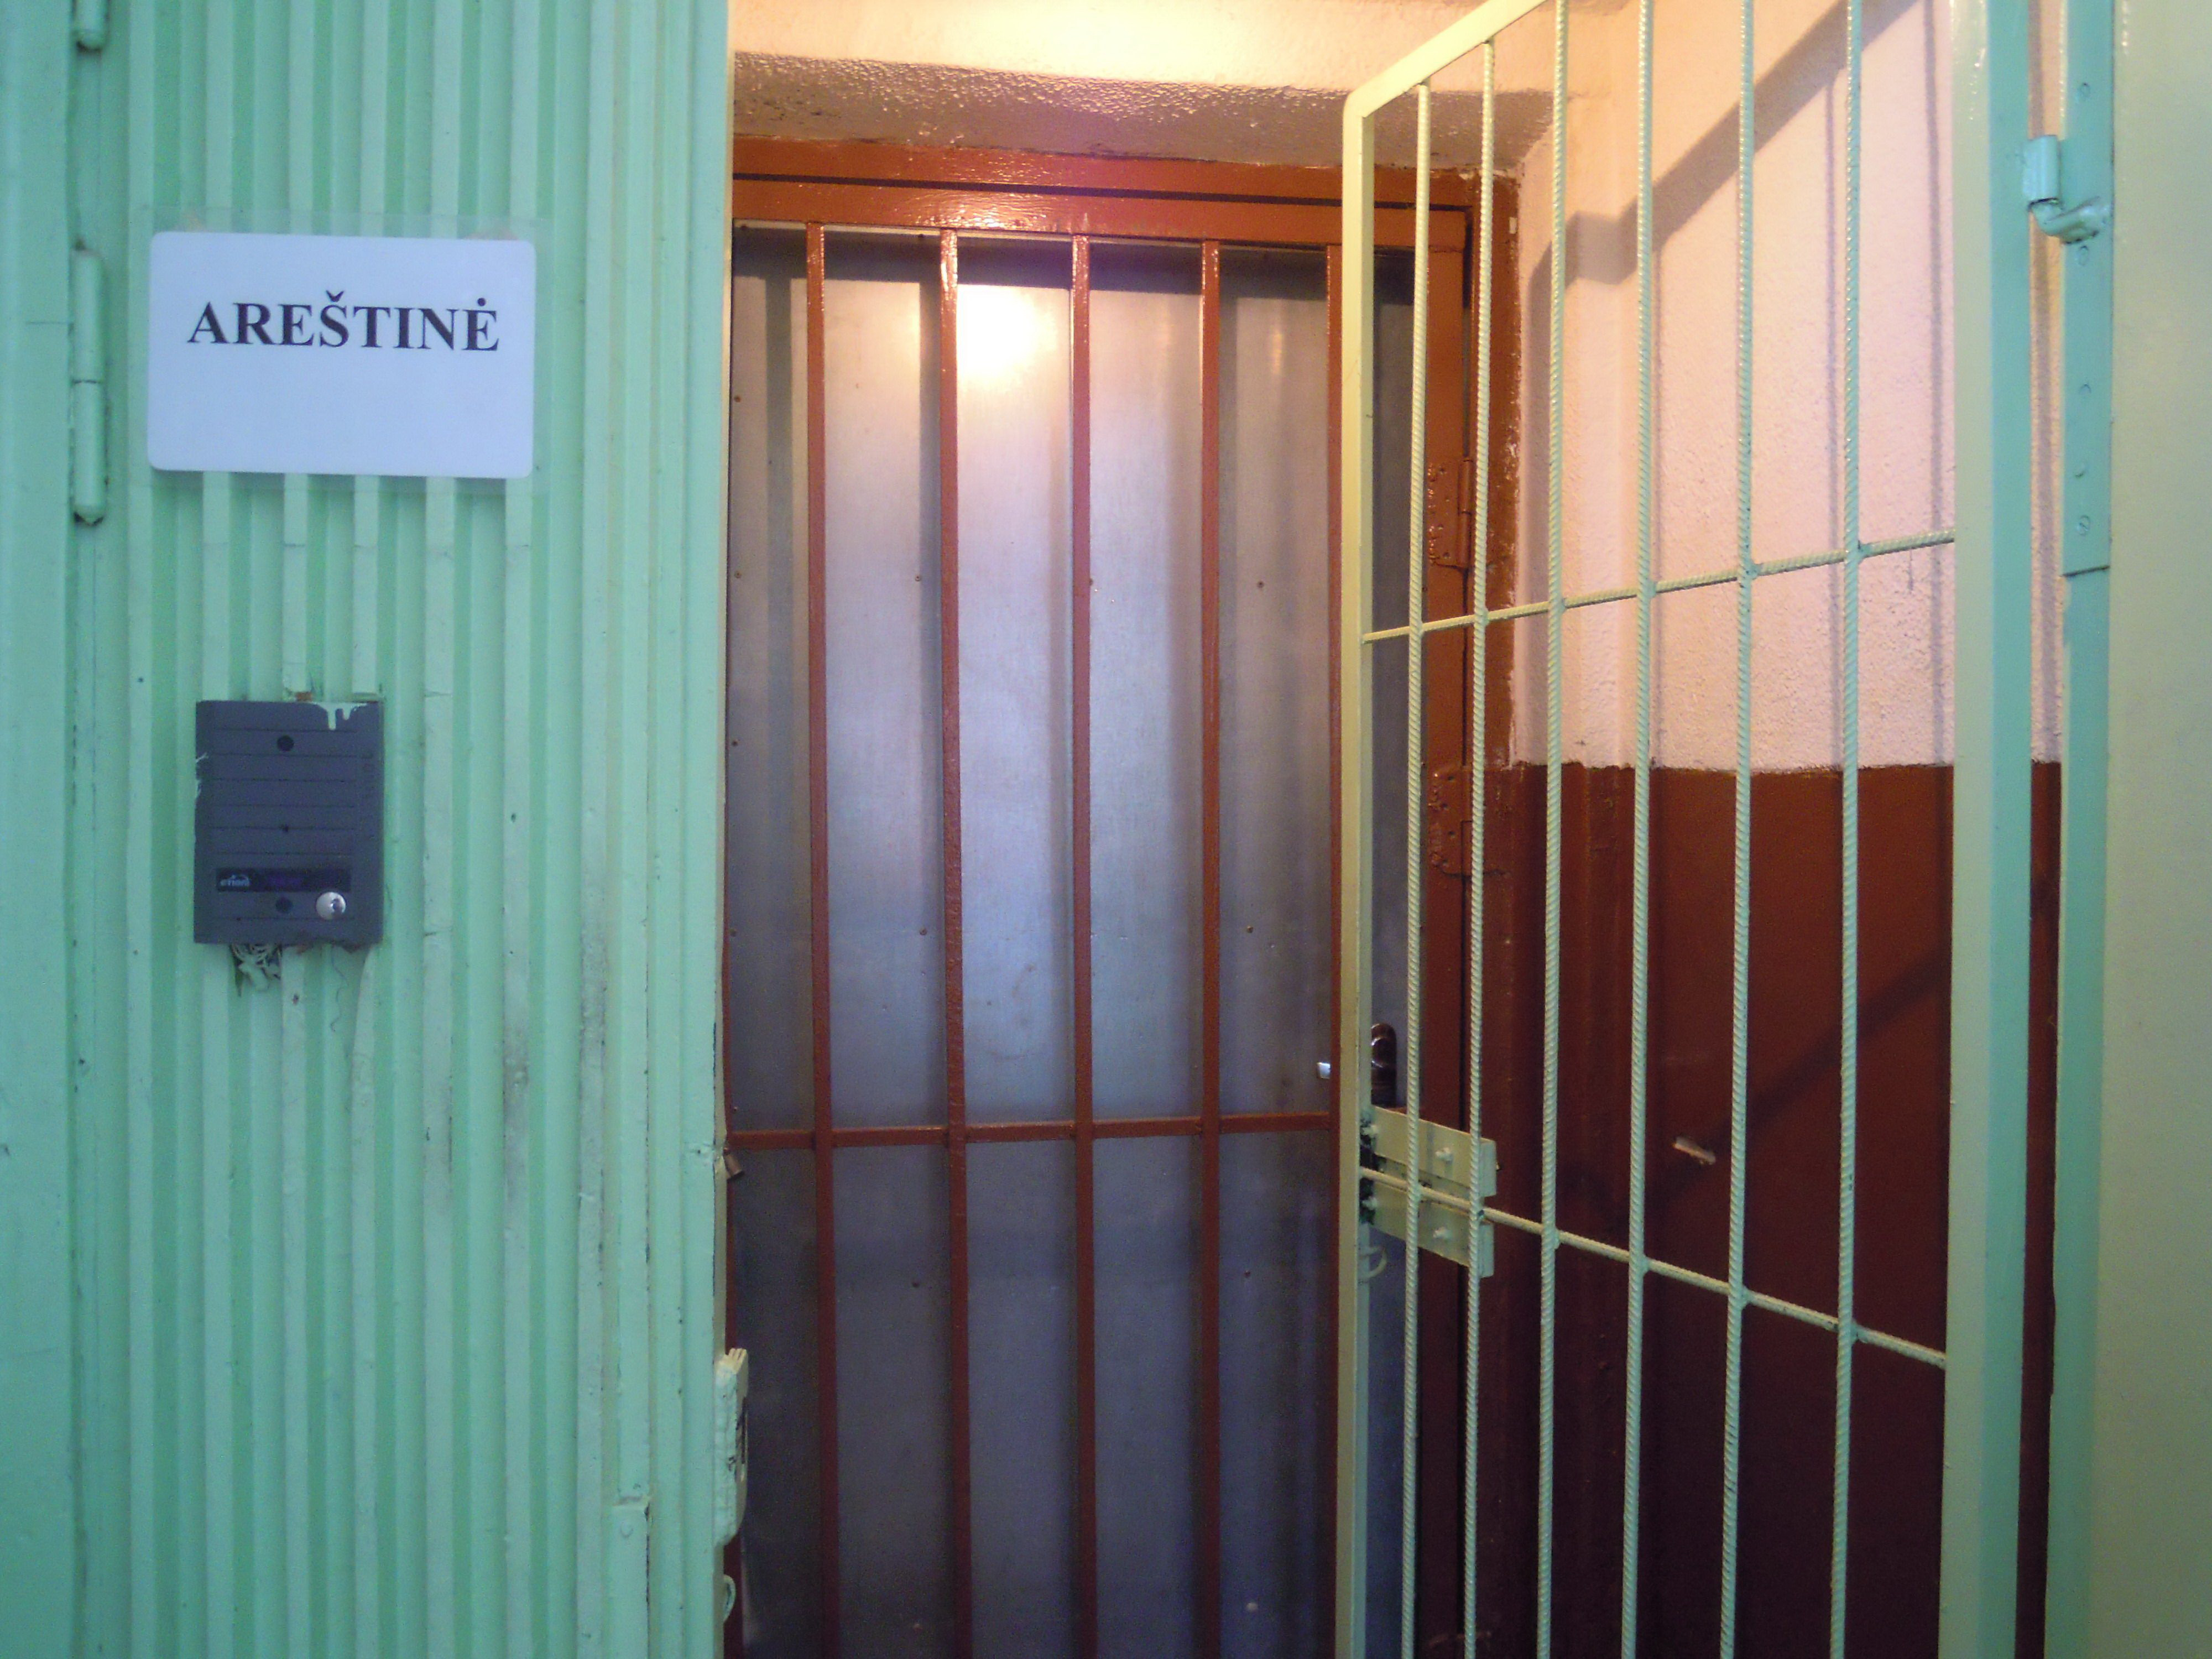 Vienos vagystės pėdsakais: mistika ir keiksmai teisme